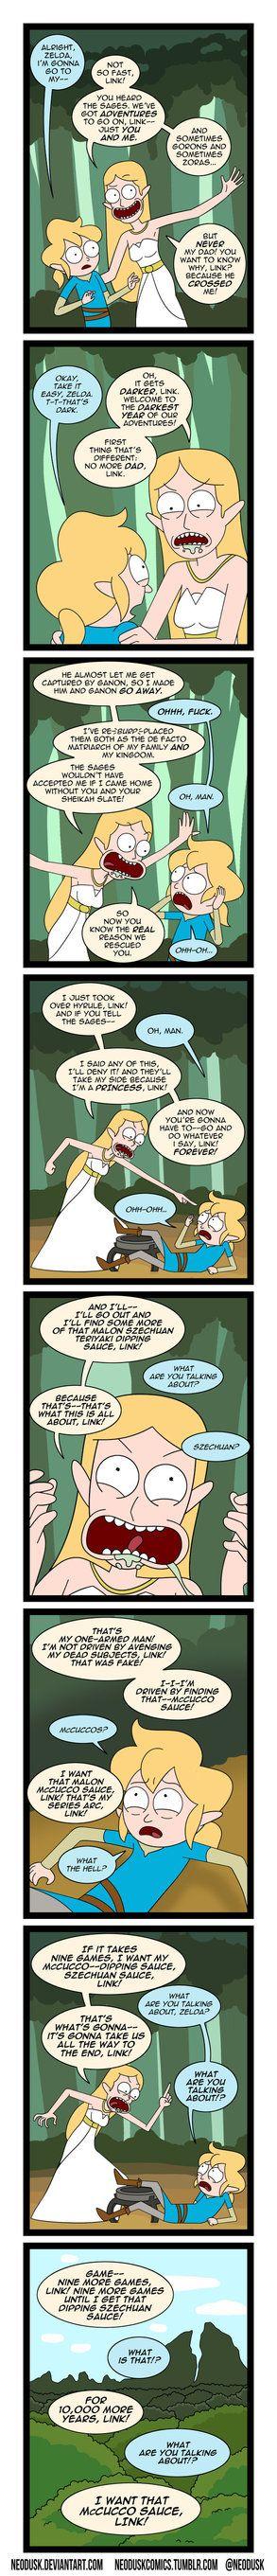 Link and Zelda Season 3 Episode 1 by Neodusk.deviantart.com on @DeviantArt